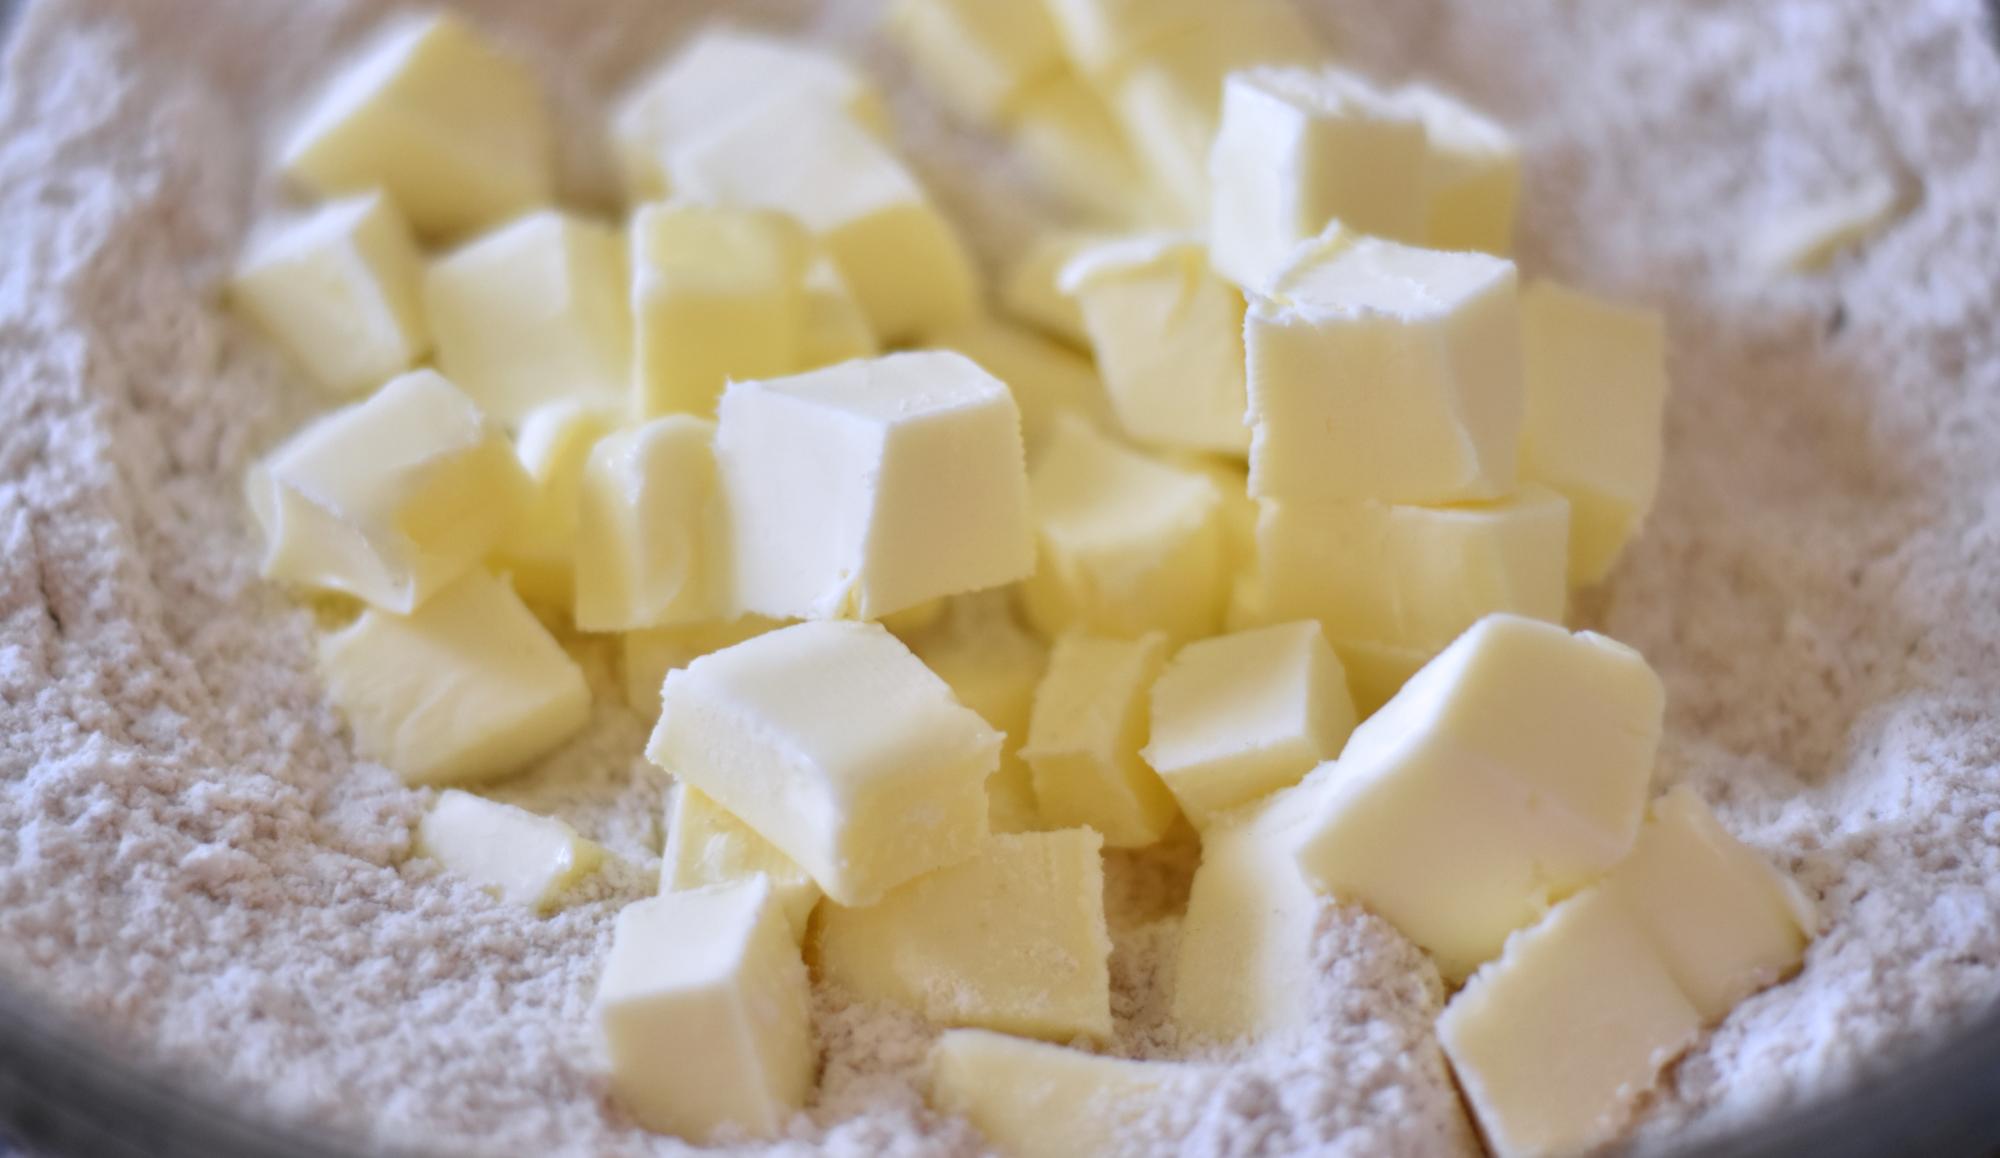 Cubed Butter in Flour_v01.png